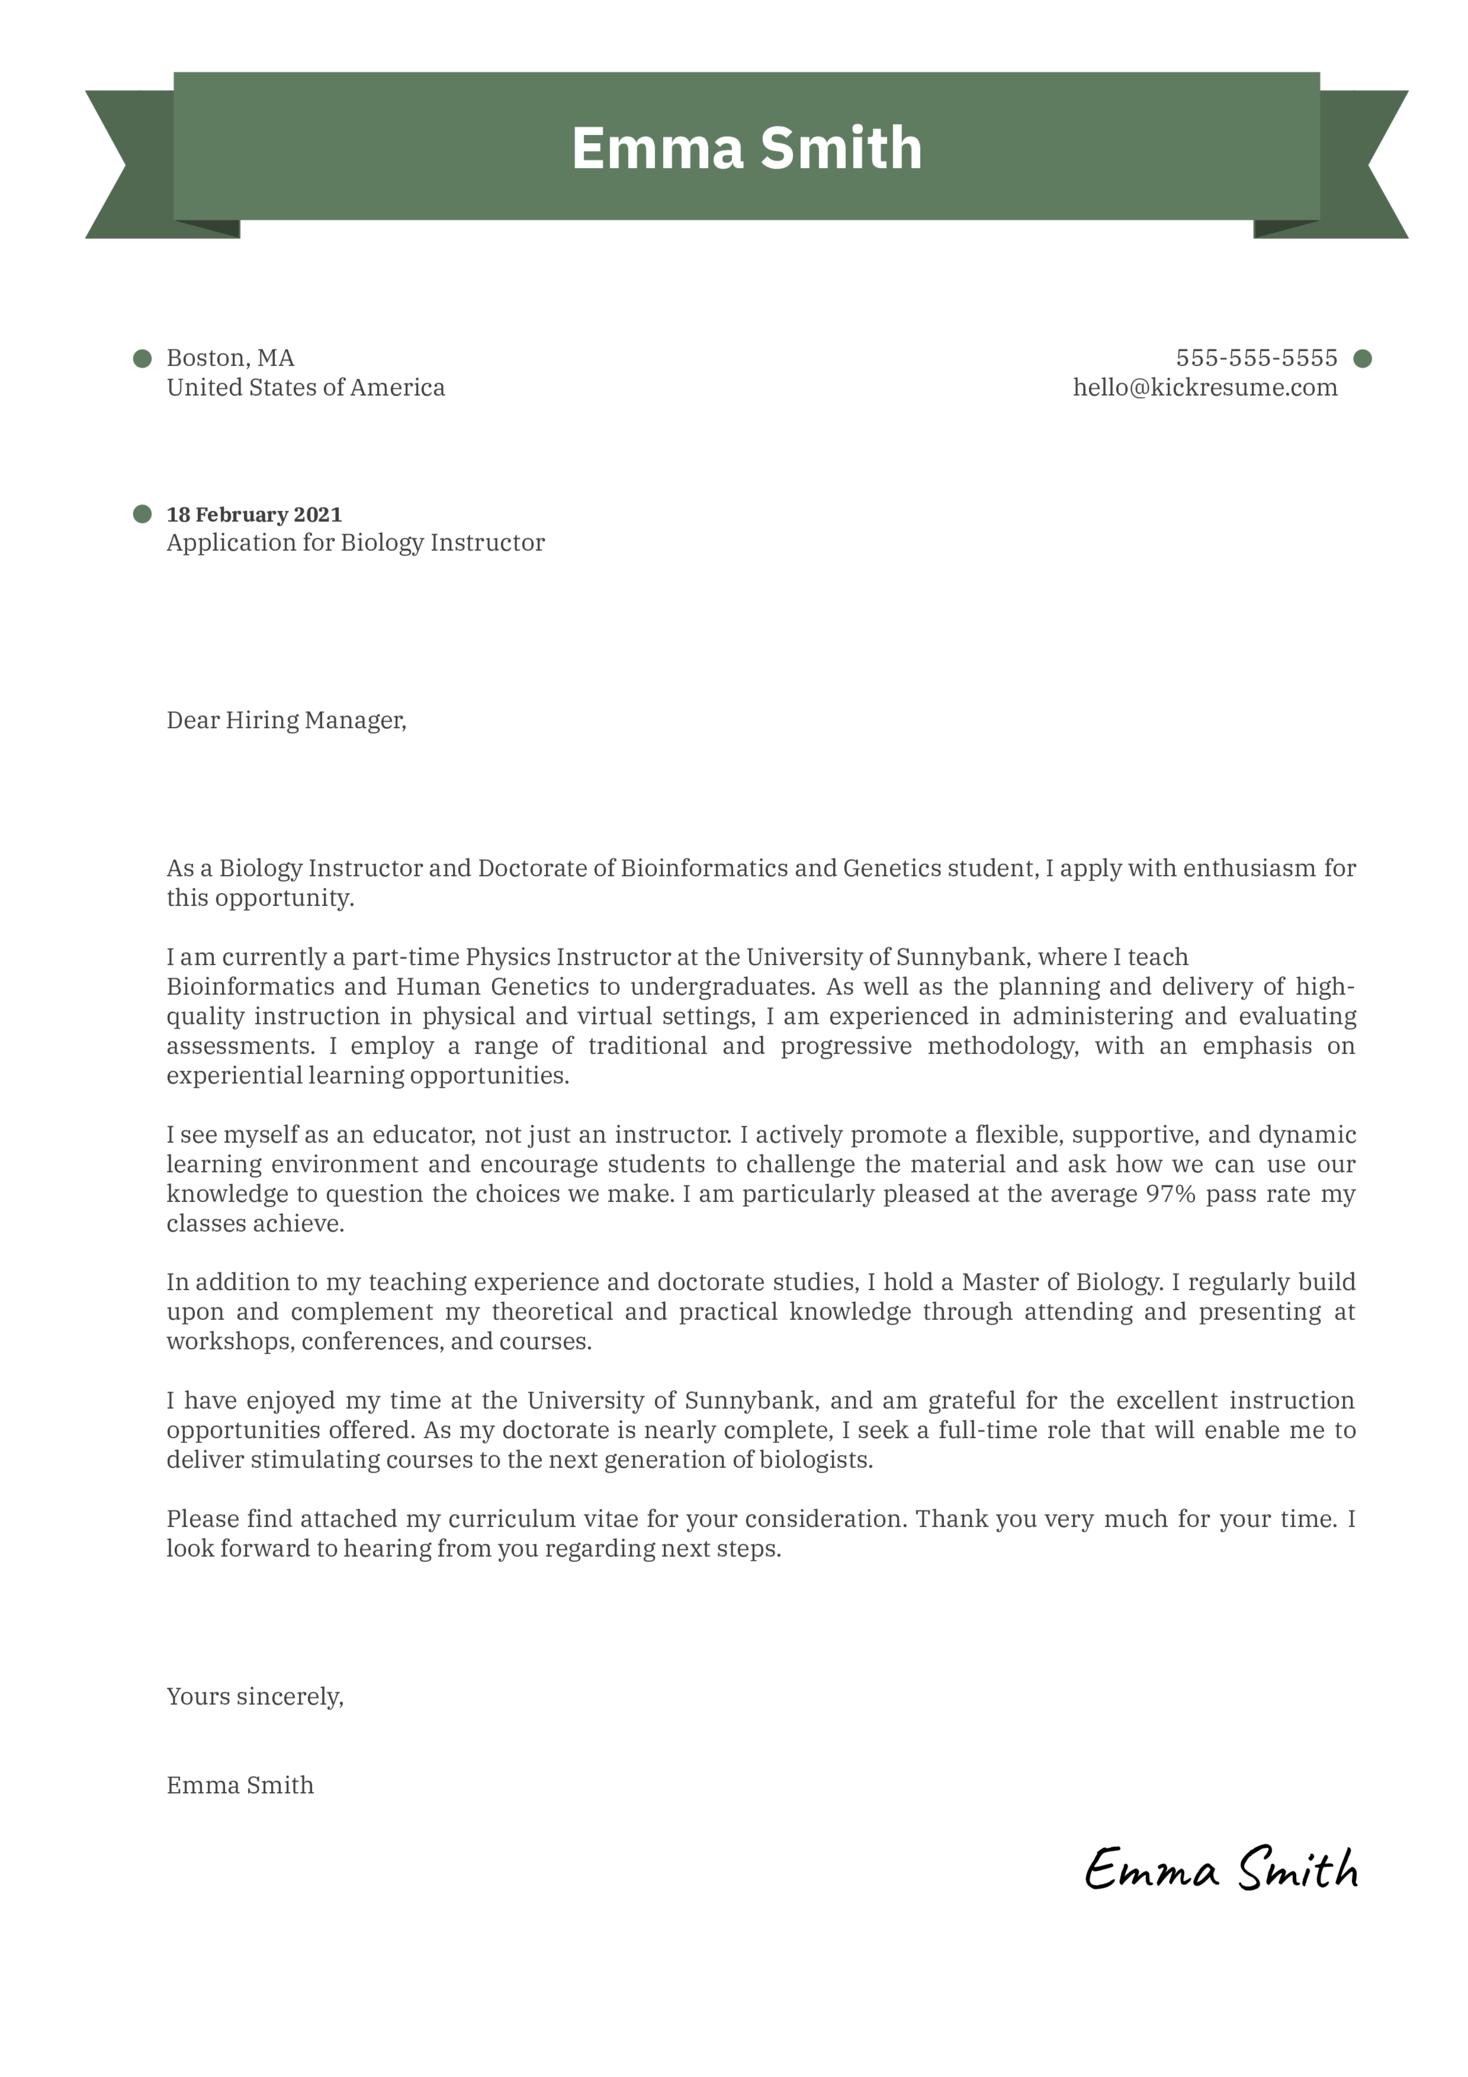 Biology Instructor Cover Letter Sample